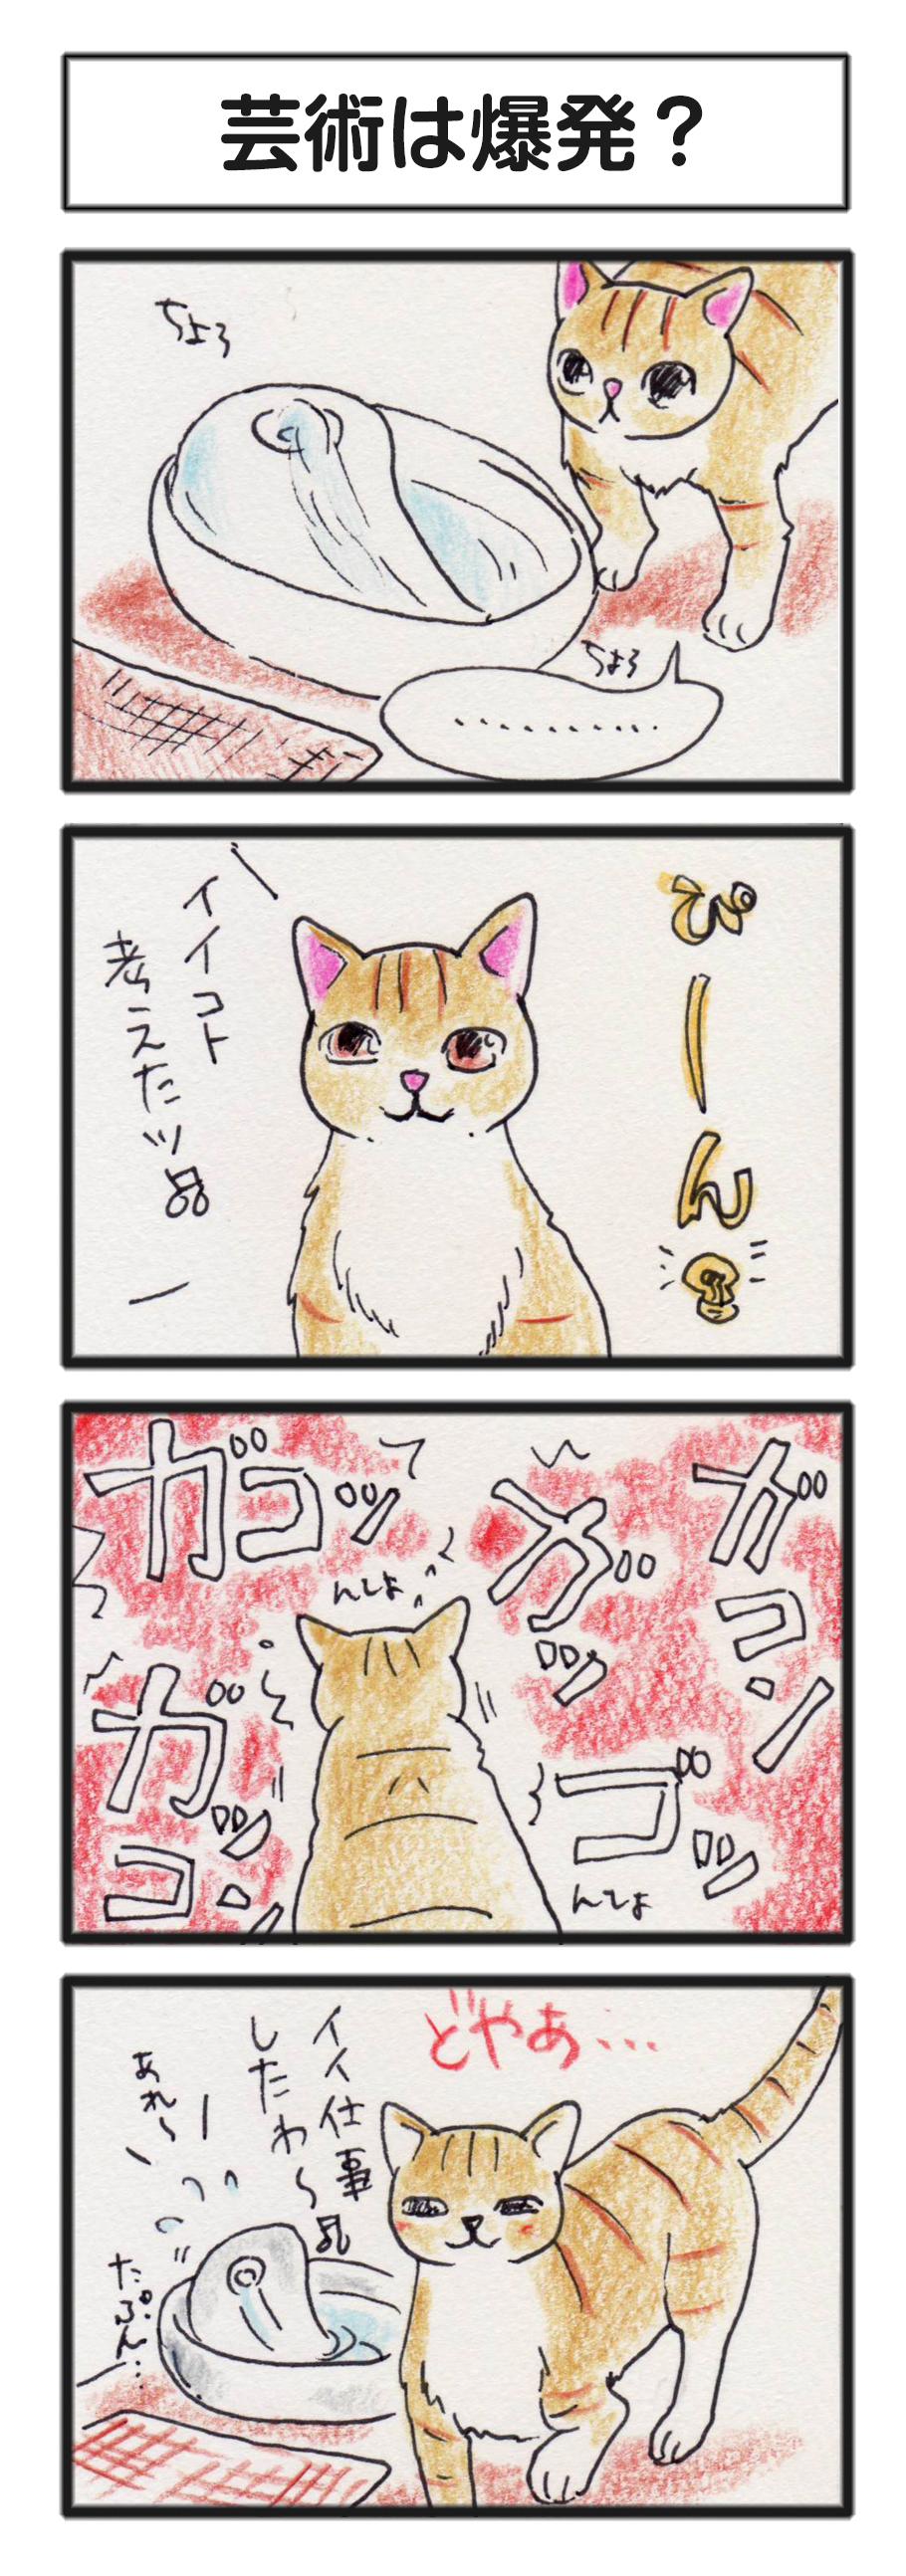 comic_4c_14062401.jpg